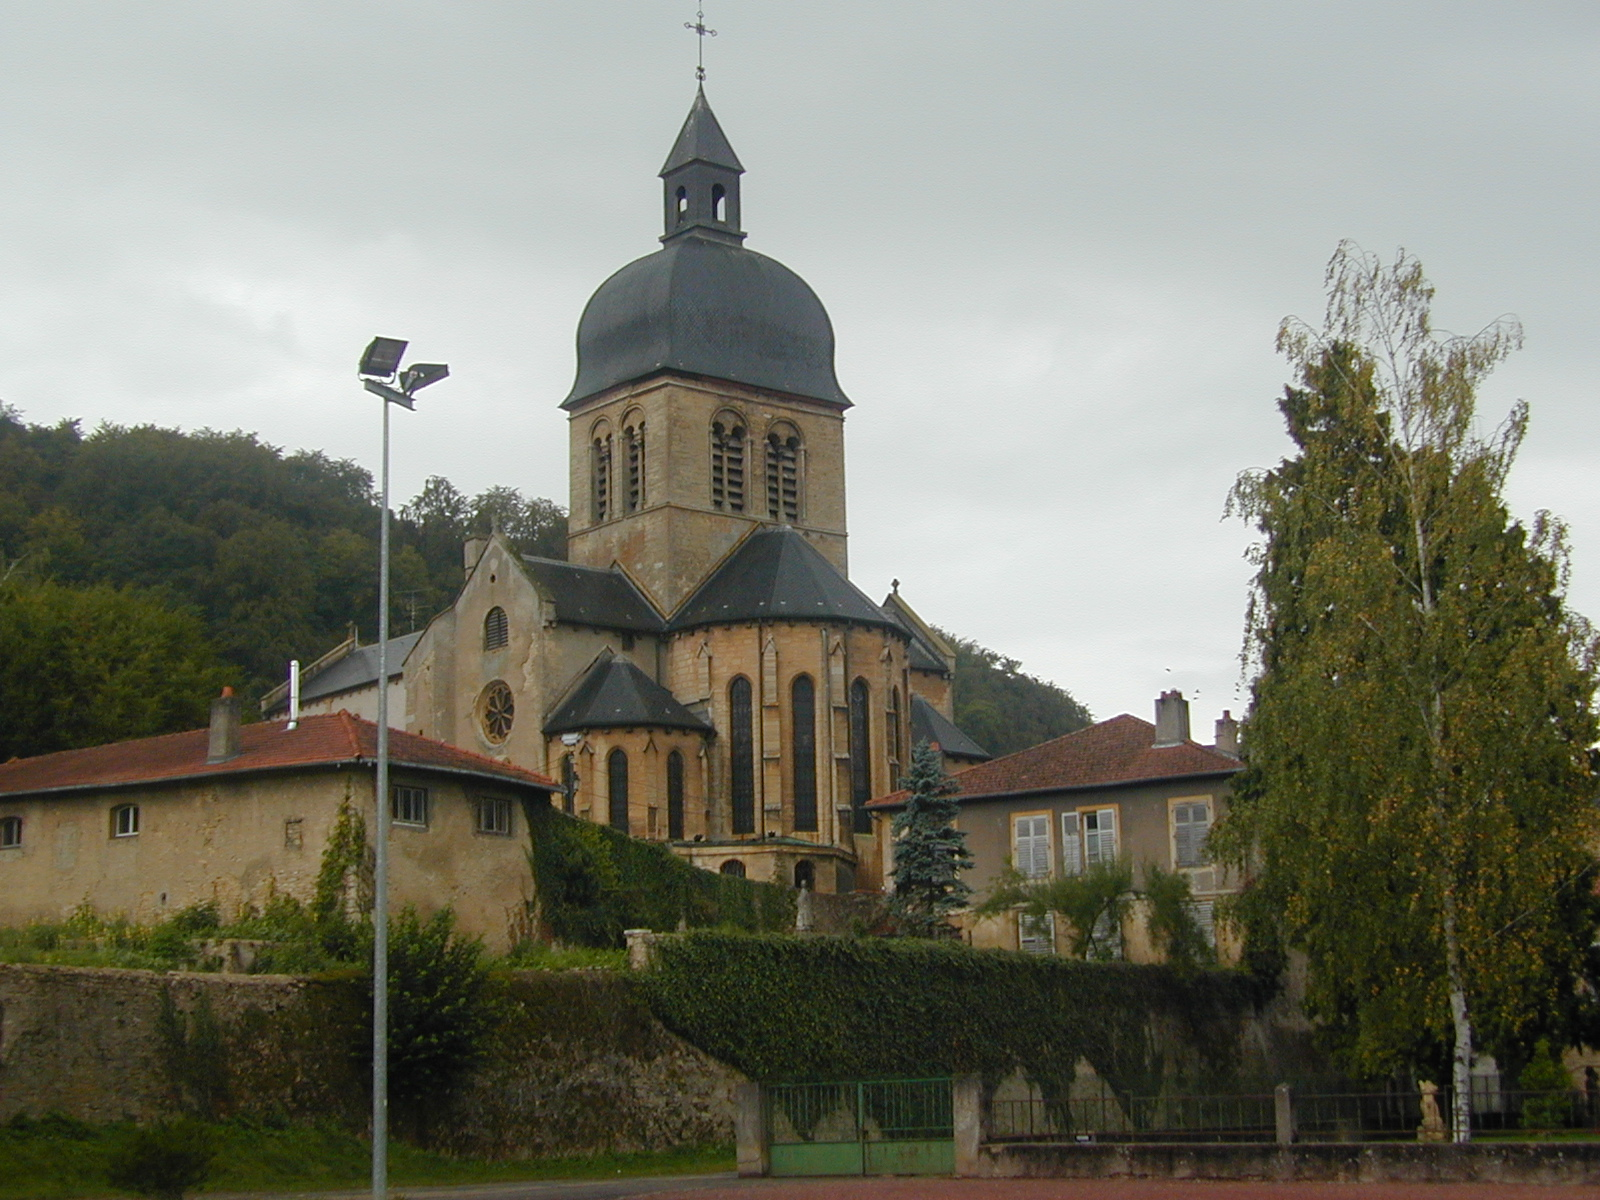 Eglise-Gorze